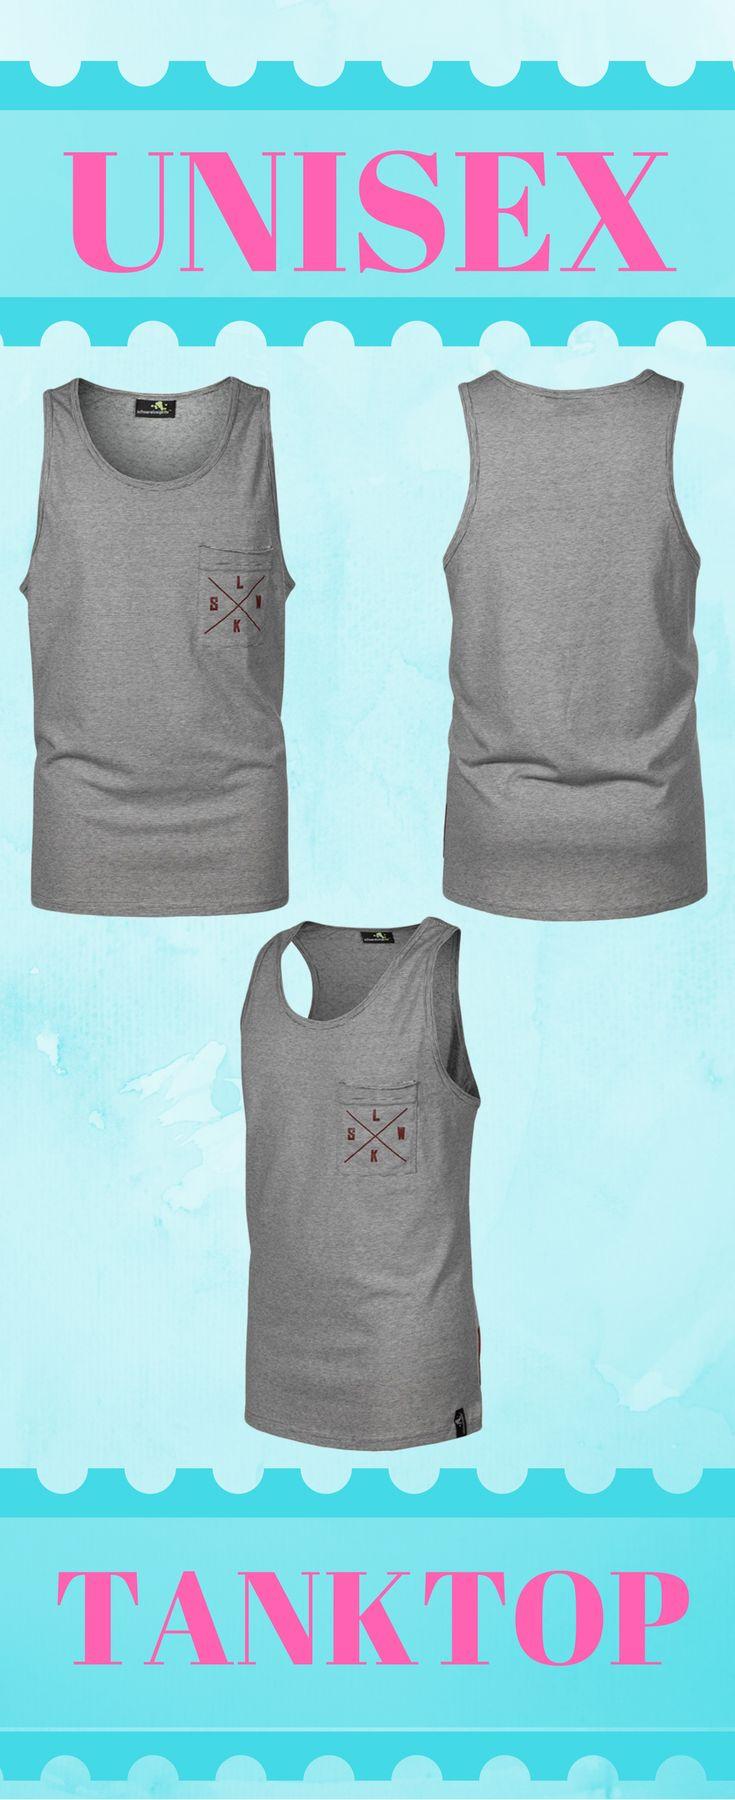 Hier findest du ein Unisex Tanktop Shirt für deinen nächsten Strandbesuch. Hol dir die Klamotten von Schwerelosigkite im Kitalden Kiteshop. #fashion #beachwear #kiteshop https://www.kite-team.de/Unisex-Tanktop-SWLK